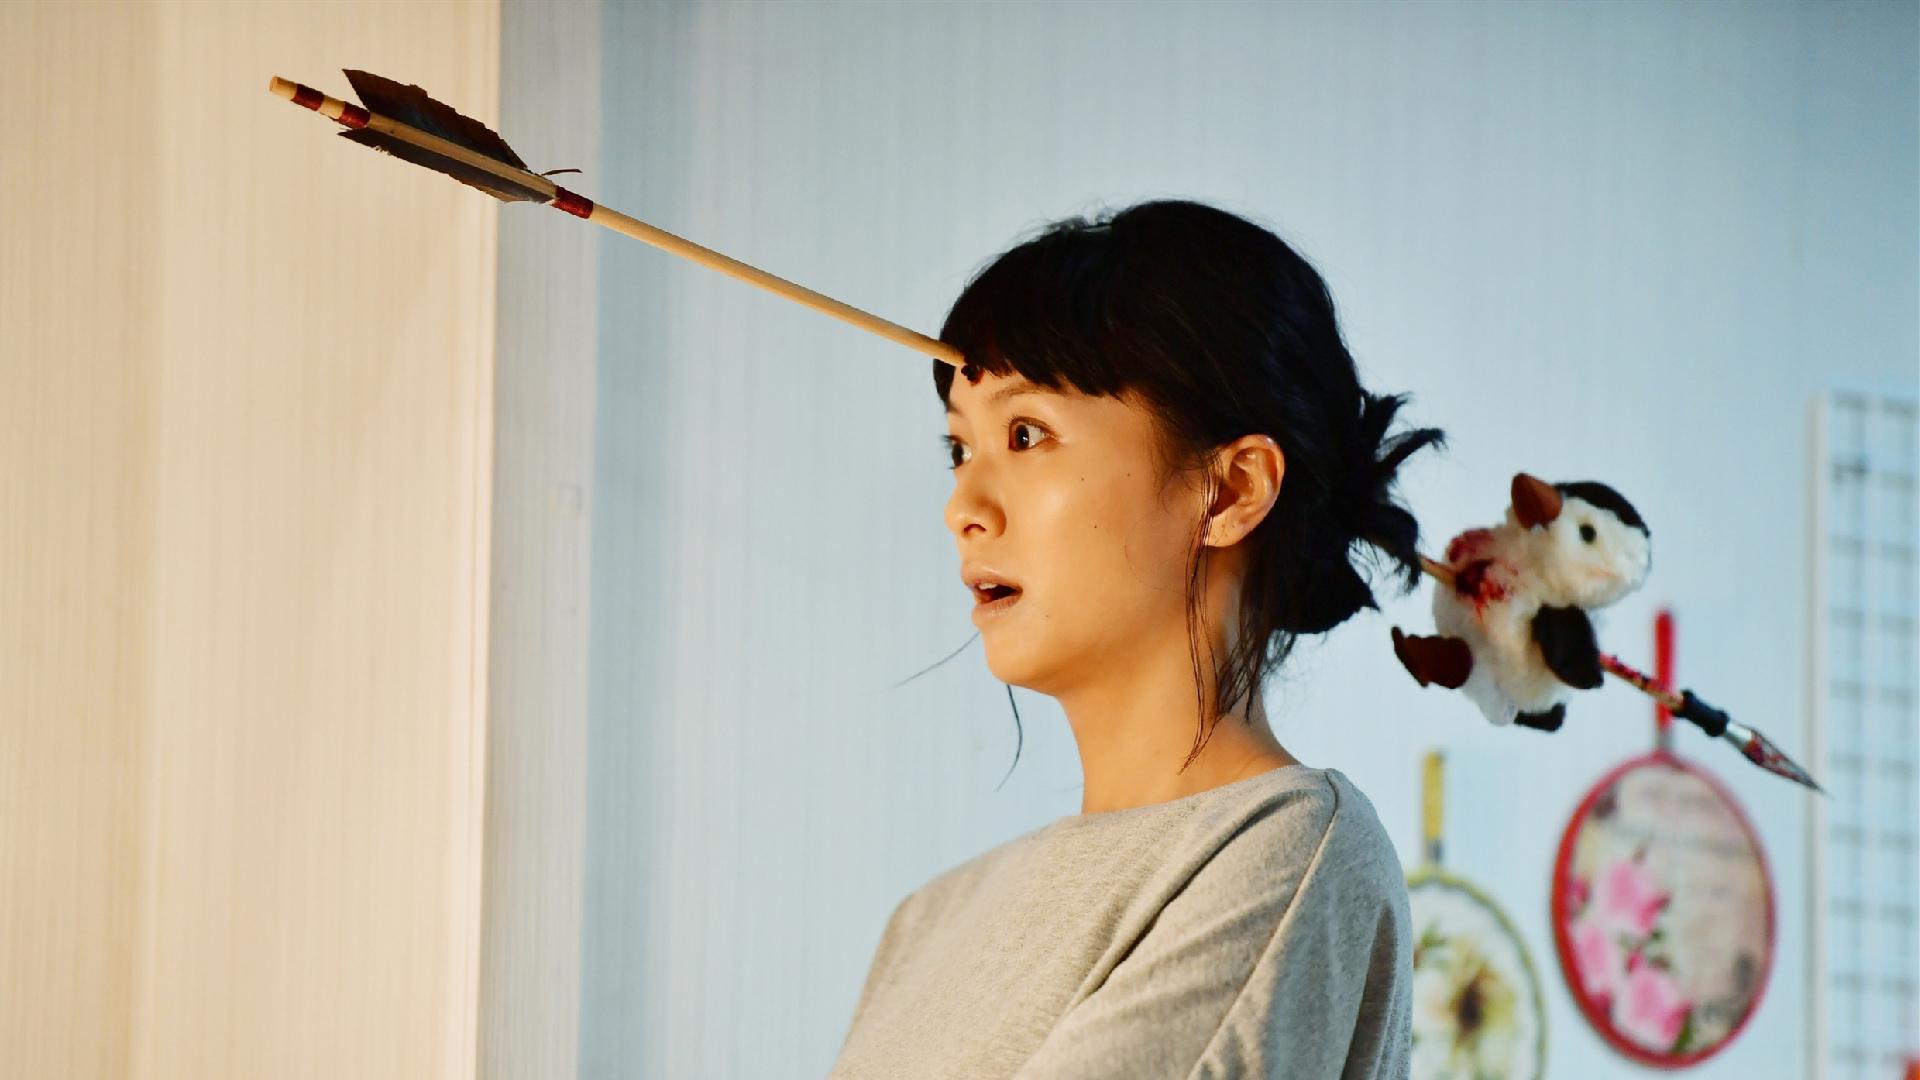 这个日本妹子是所有男人的梦想!日本喜剧《每天回家都看到老婆在装死》